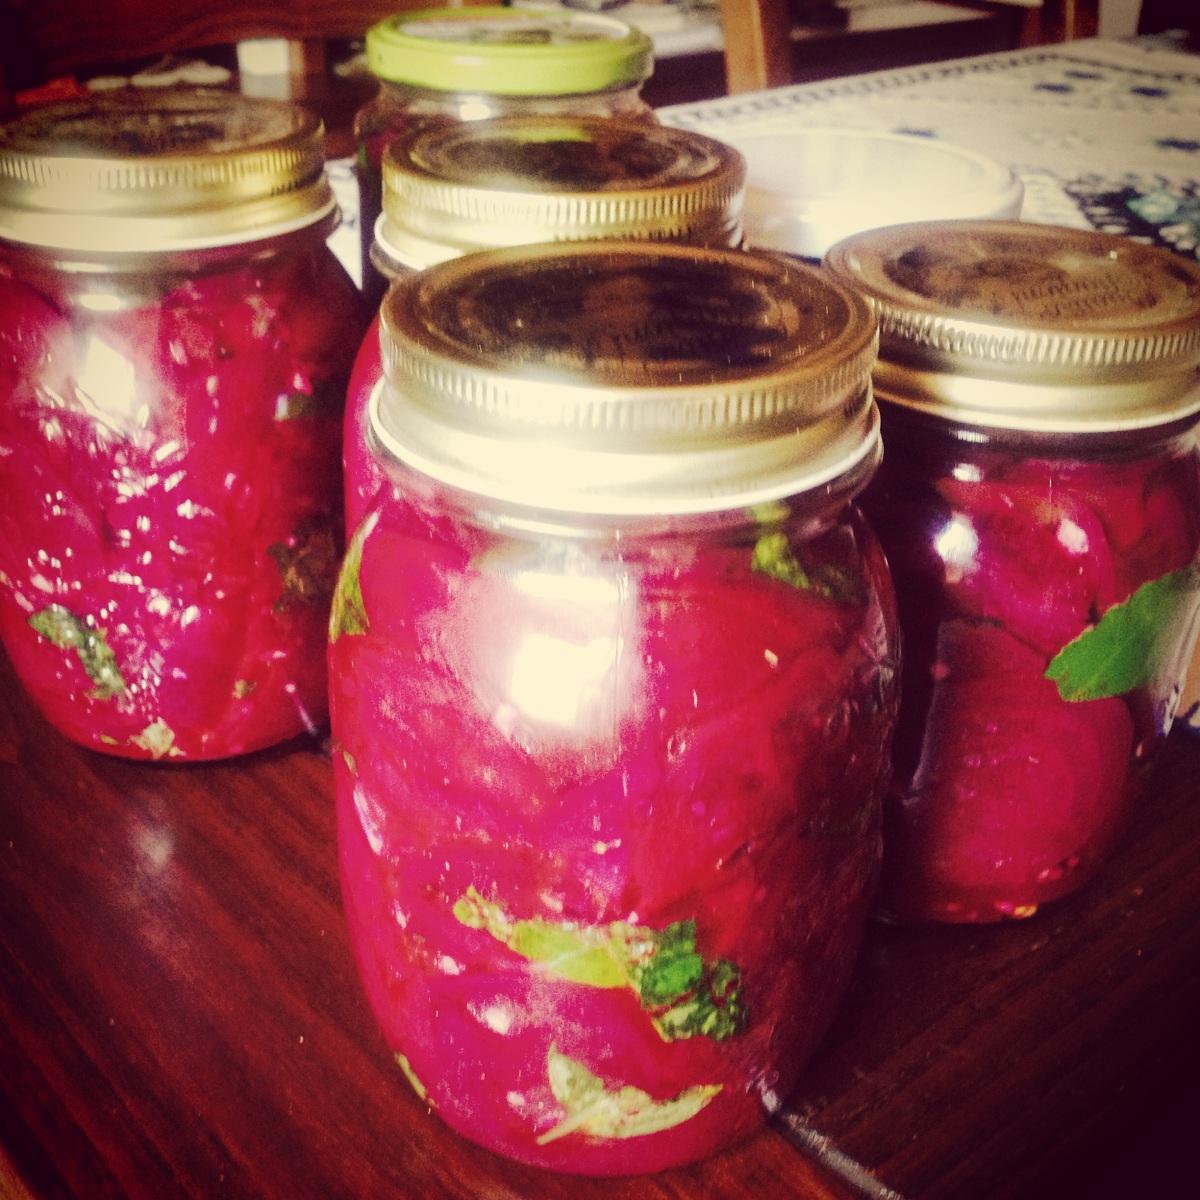 Barbabietole rosse dell'orto del babbo: come prepararle sott'olio per l'inverno (se ci arrivano)